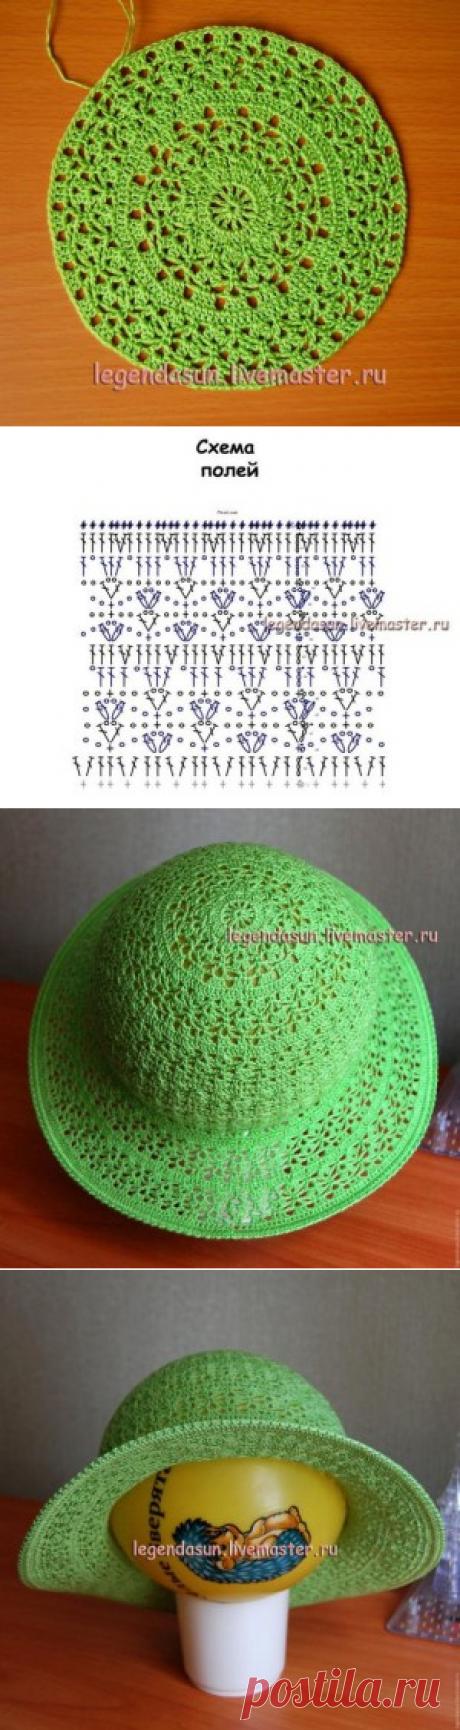 МК вязаная шляпка (панама) крючком. (размер шляпки 49-50 см)  